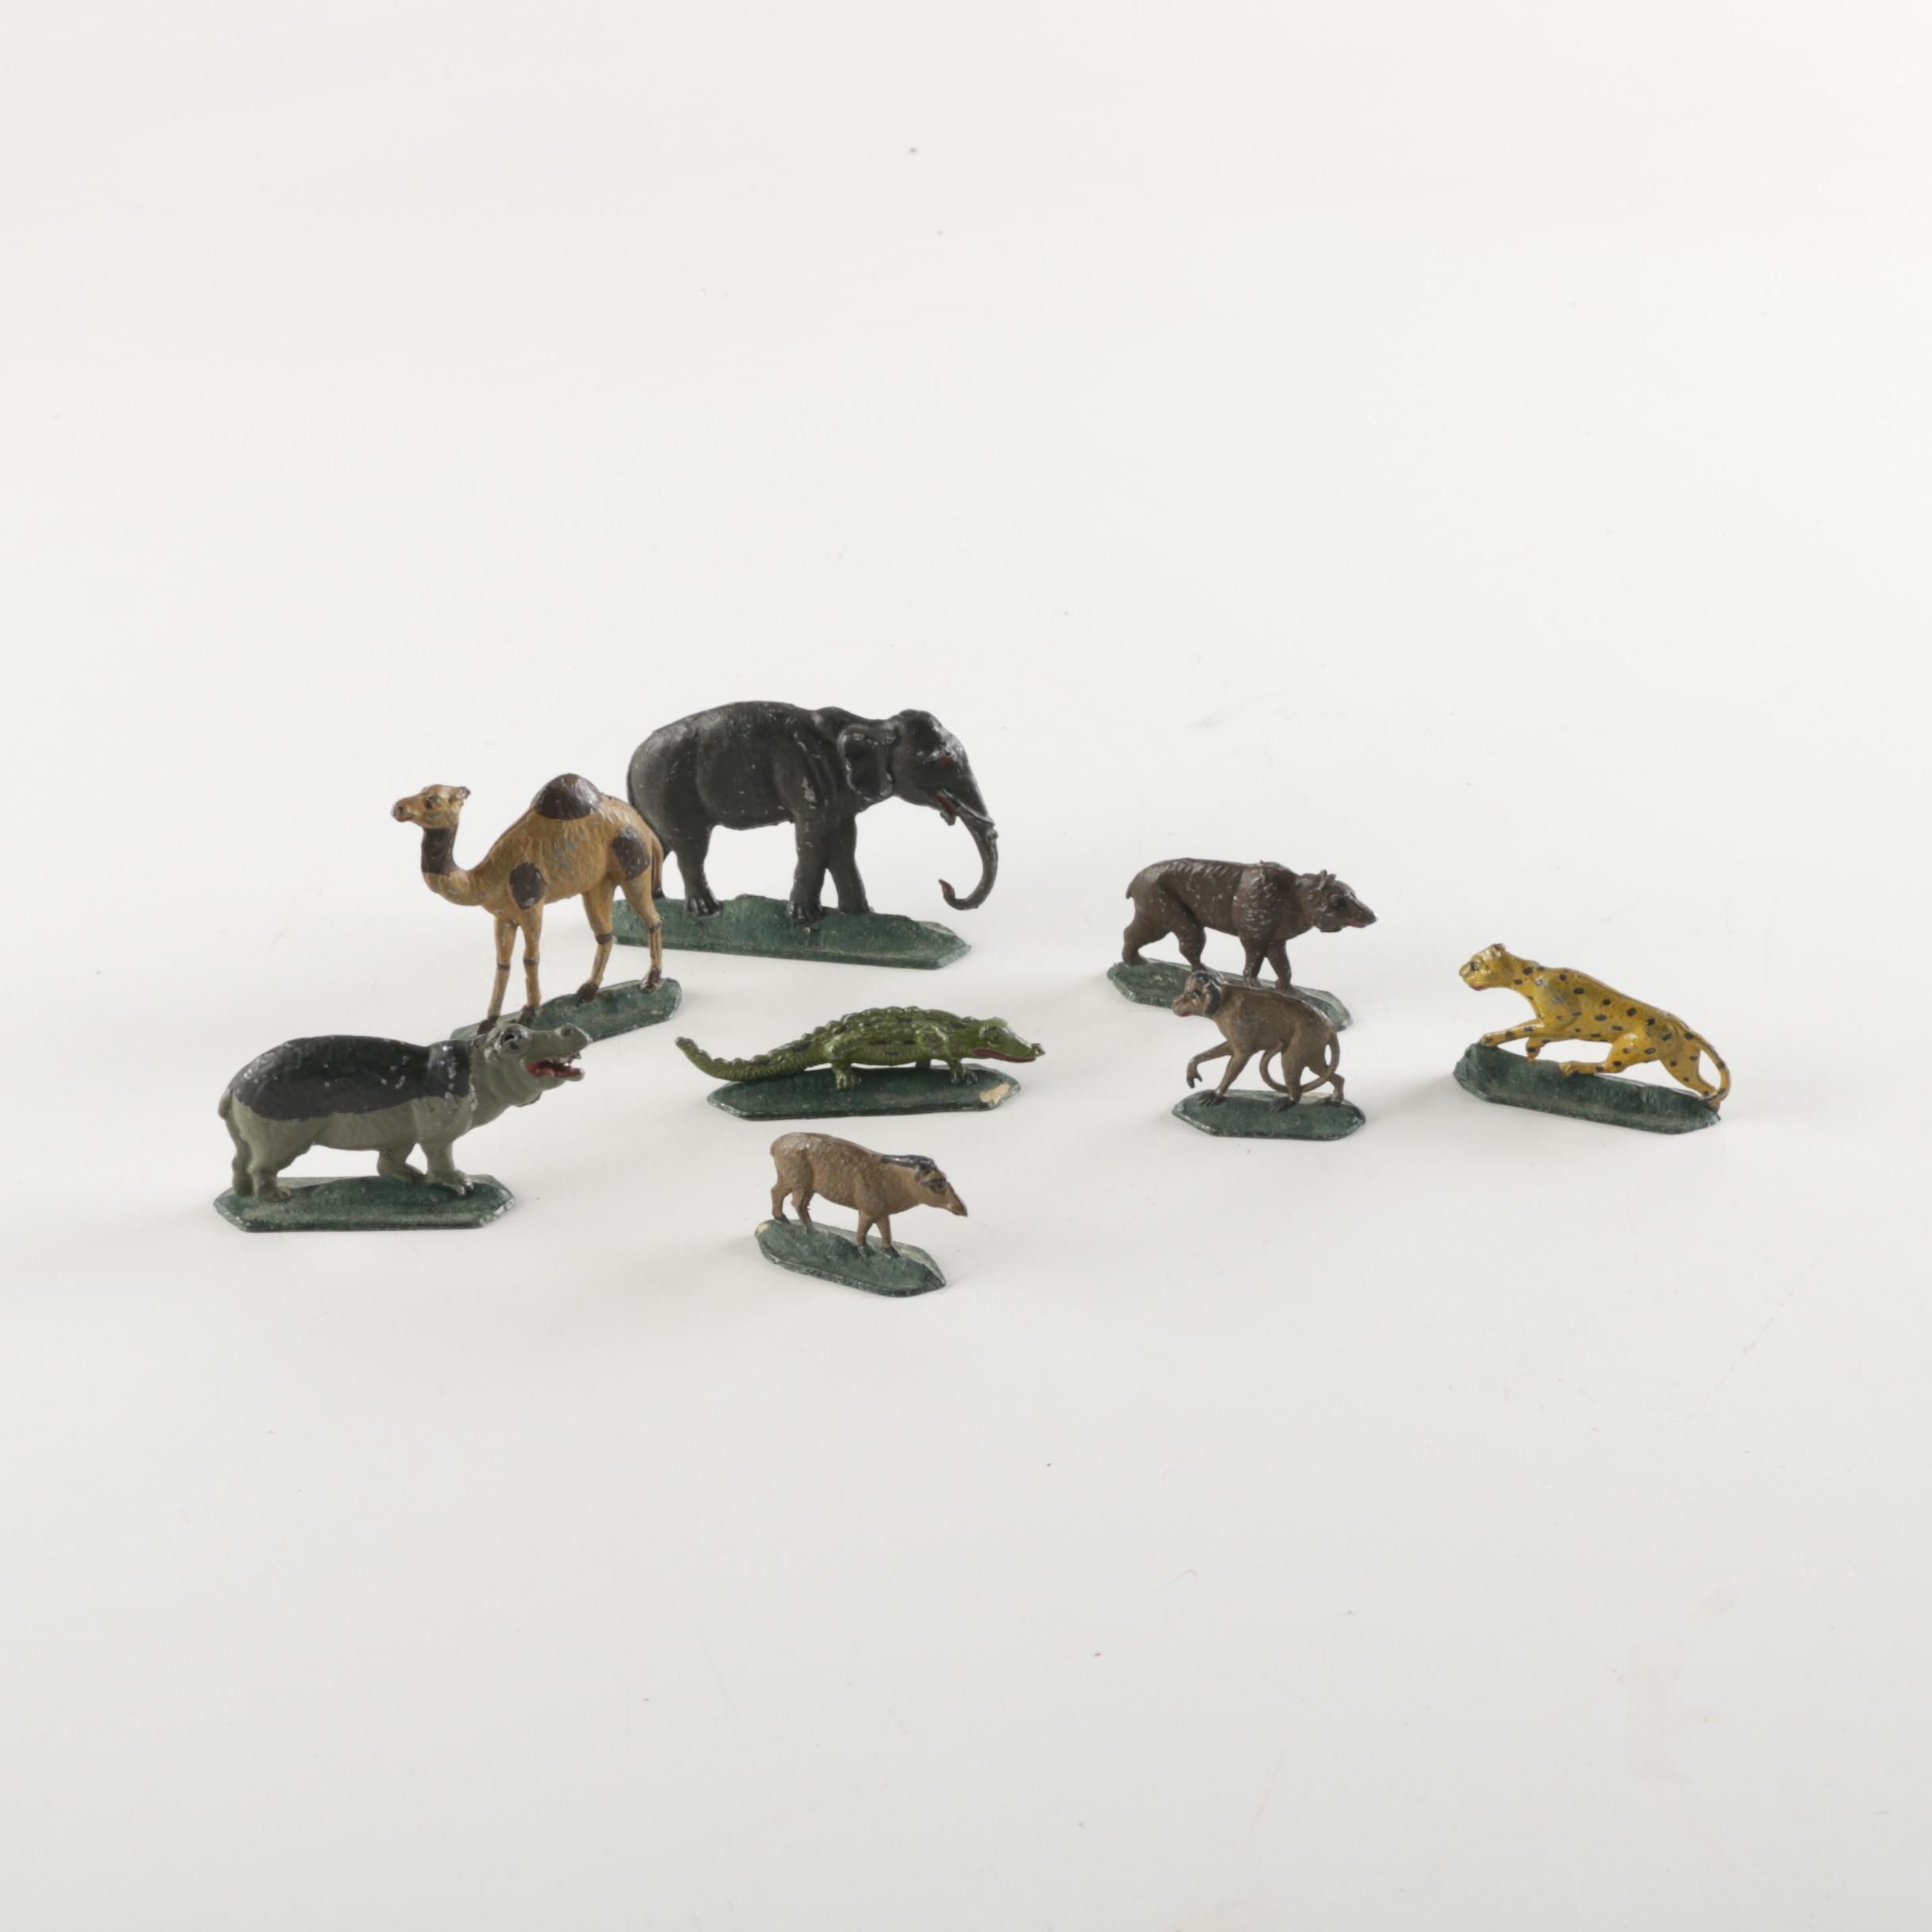 Cast Metal Animal Figurines